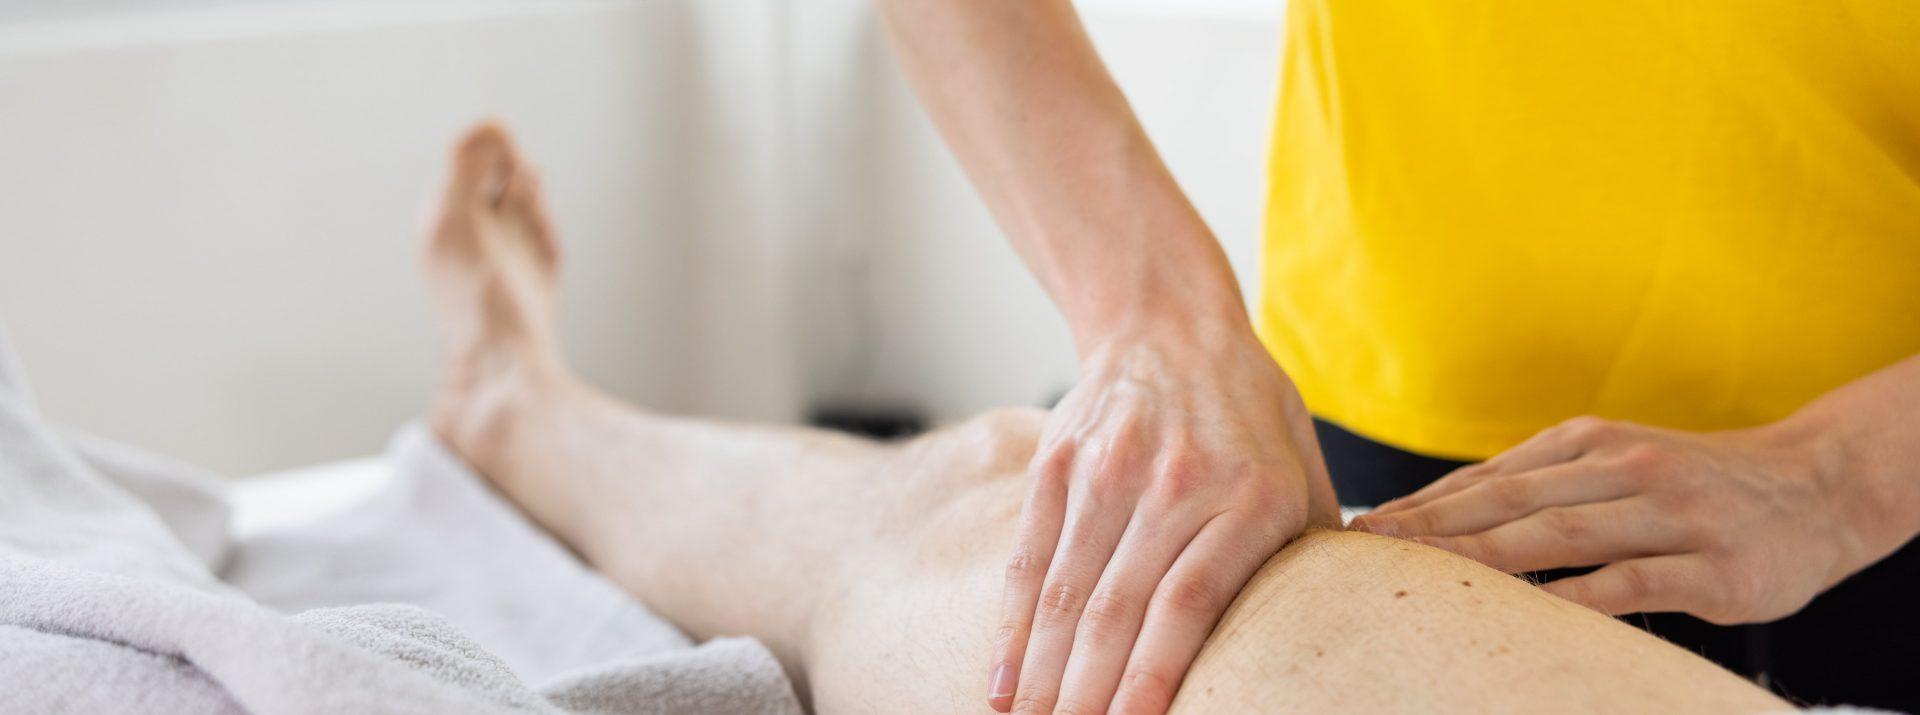 NEU: Medizinische Massage und Akupunkturmassage online buchen